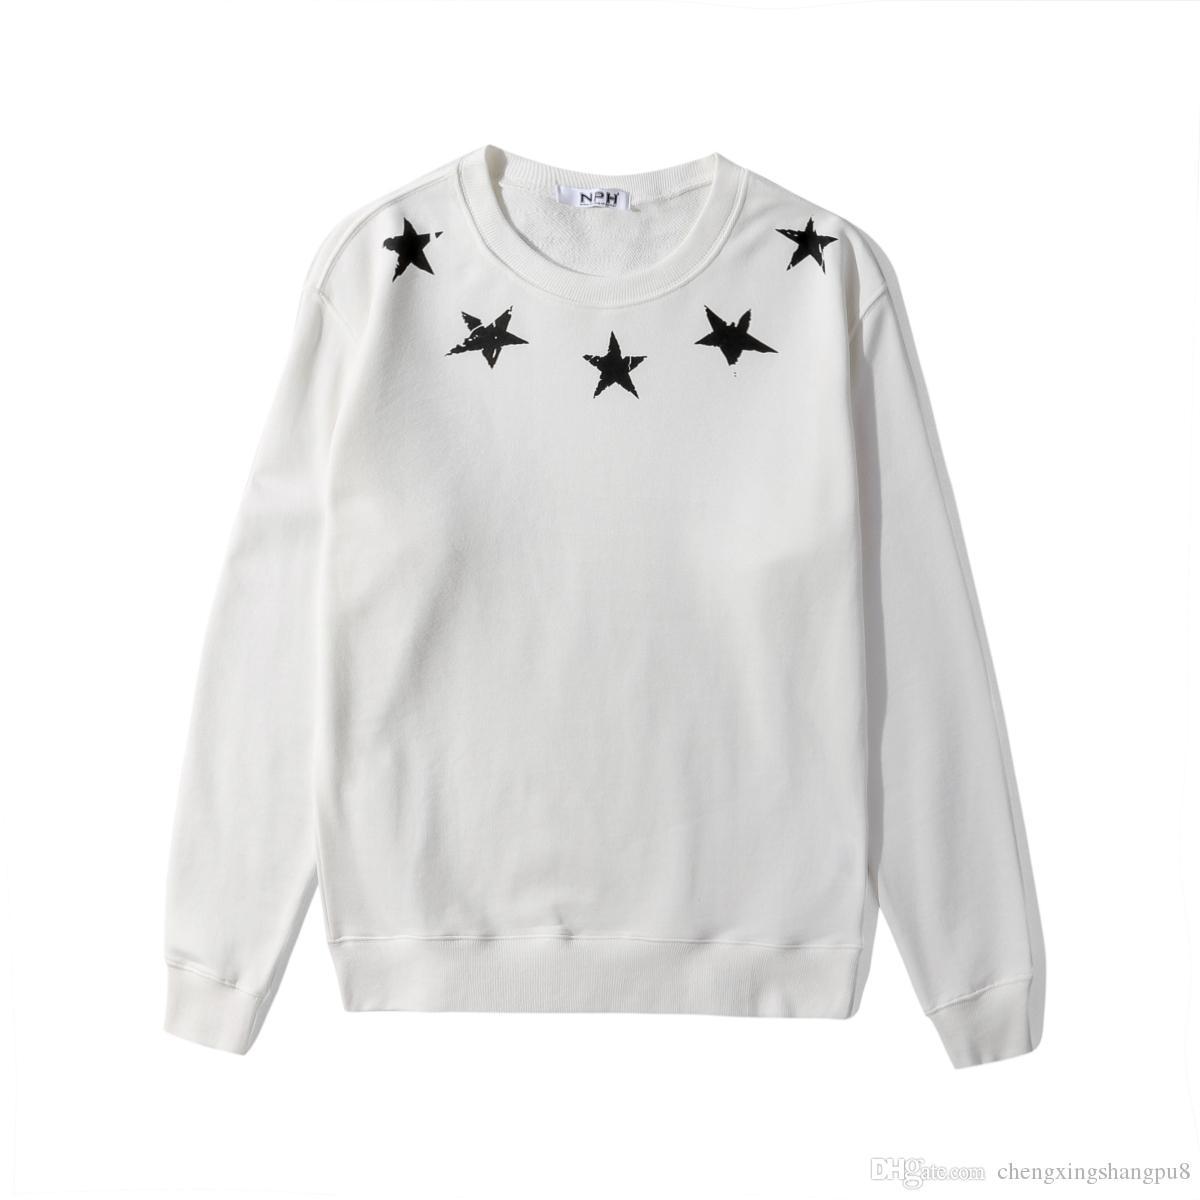 100% authentic 9ce14 a4d18 pull-ray-noir-tricot-en-laine-pour-hommes.jpg